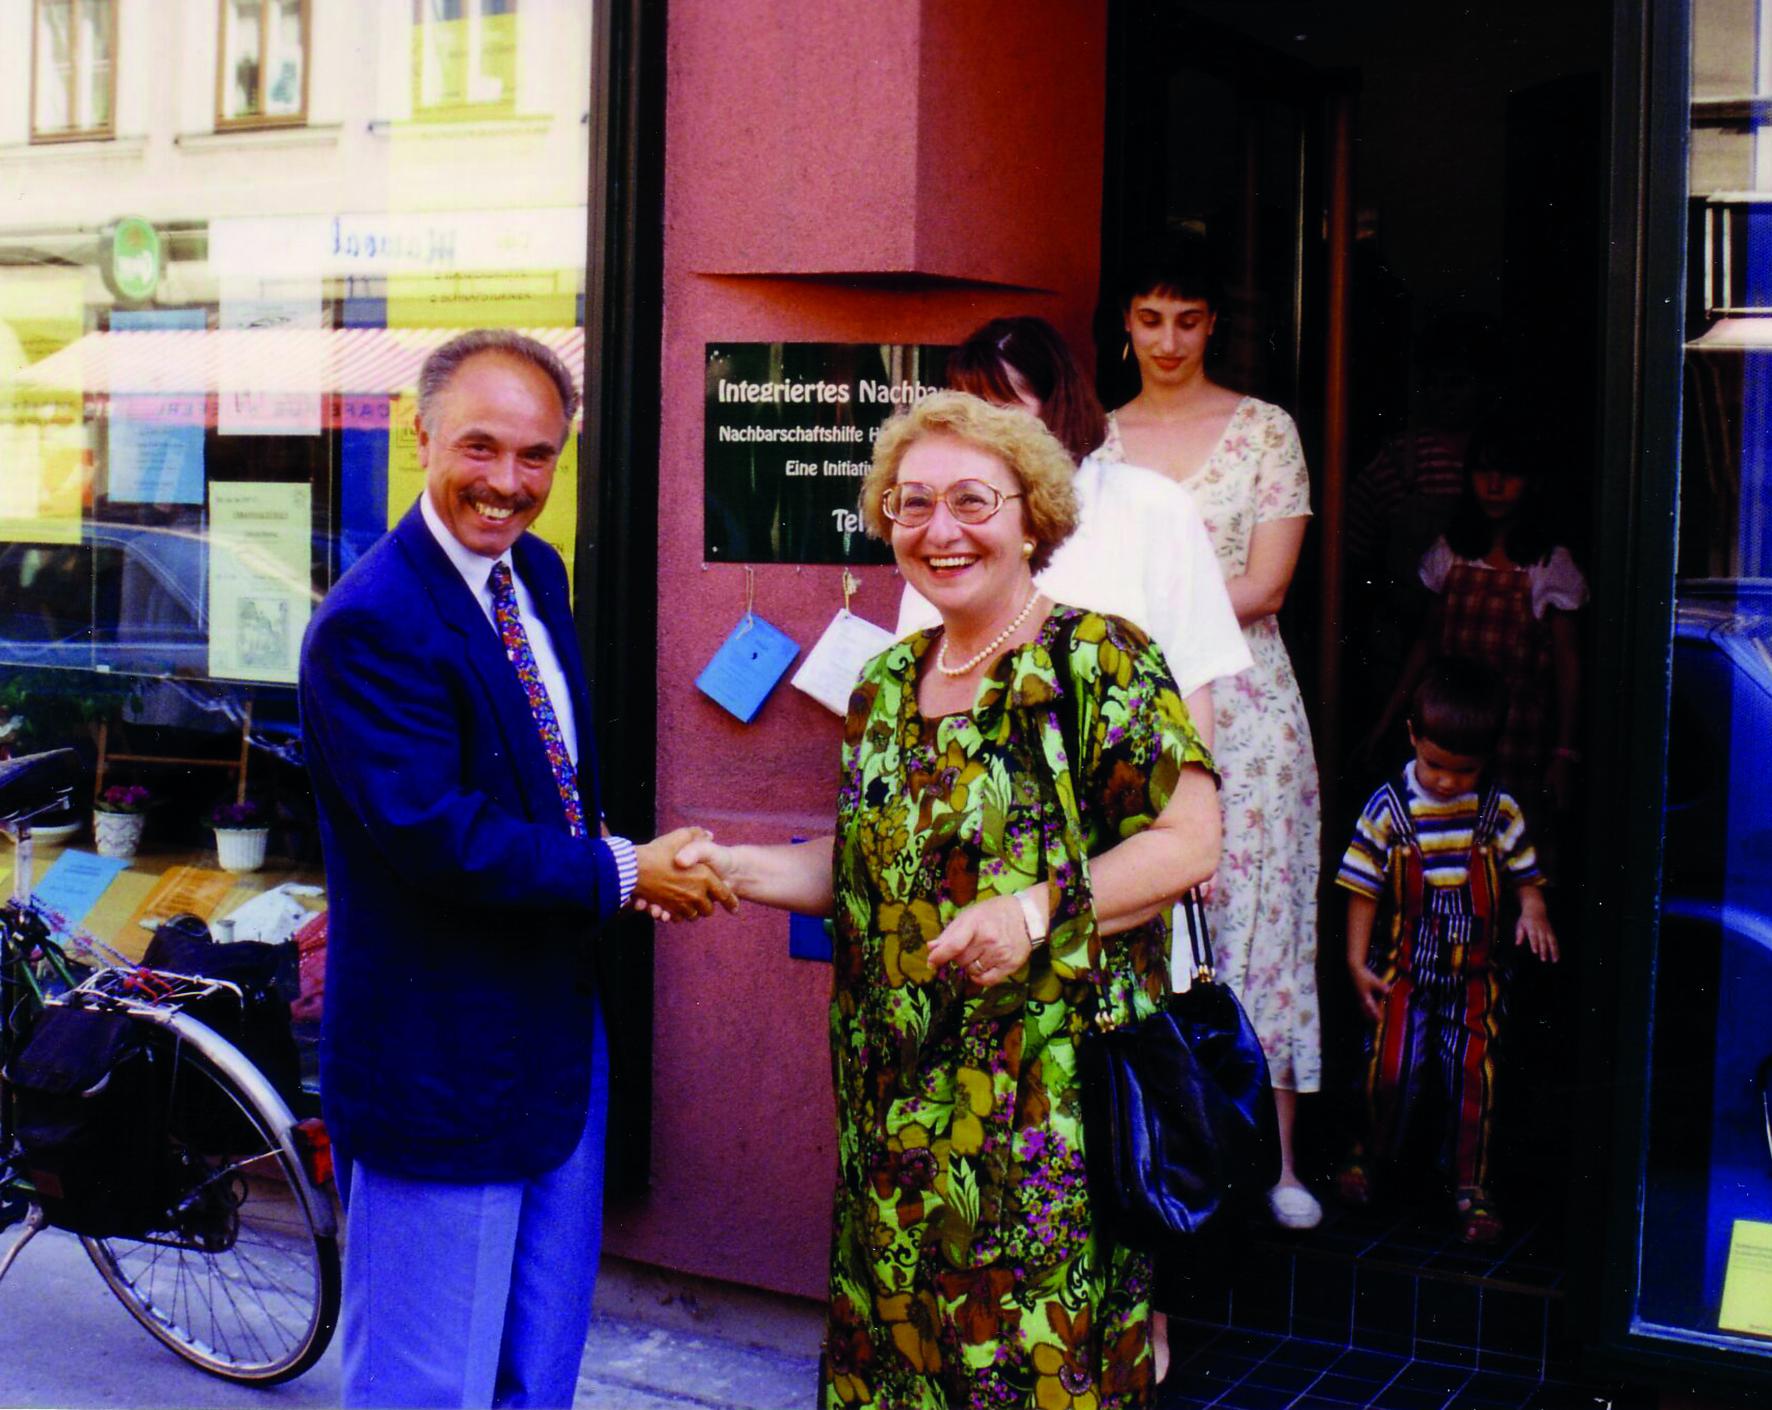 Ein Mann und eine Frau geben sich vor dem Nachbarschaftszentrum 17 die Hand